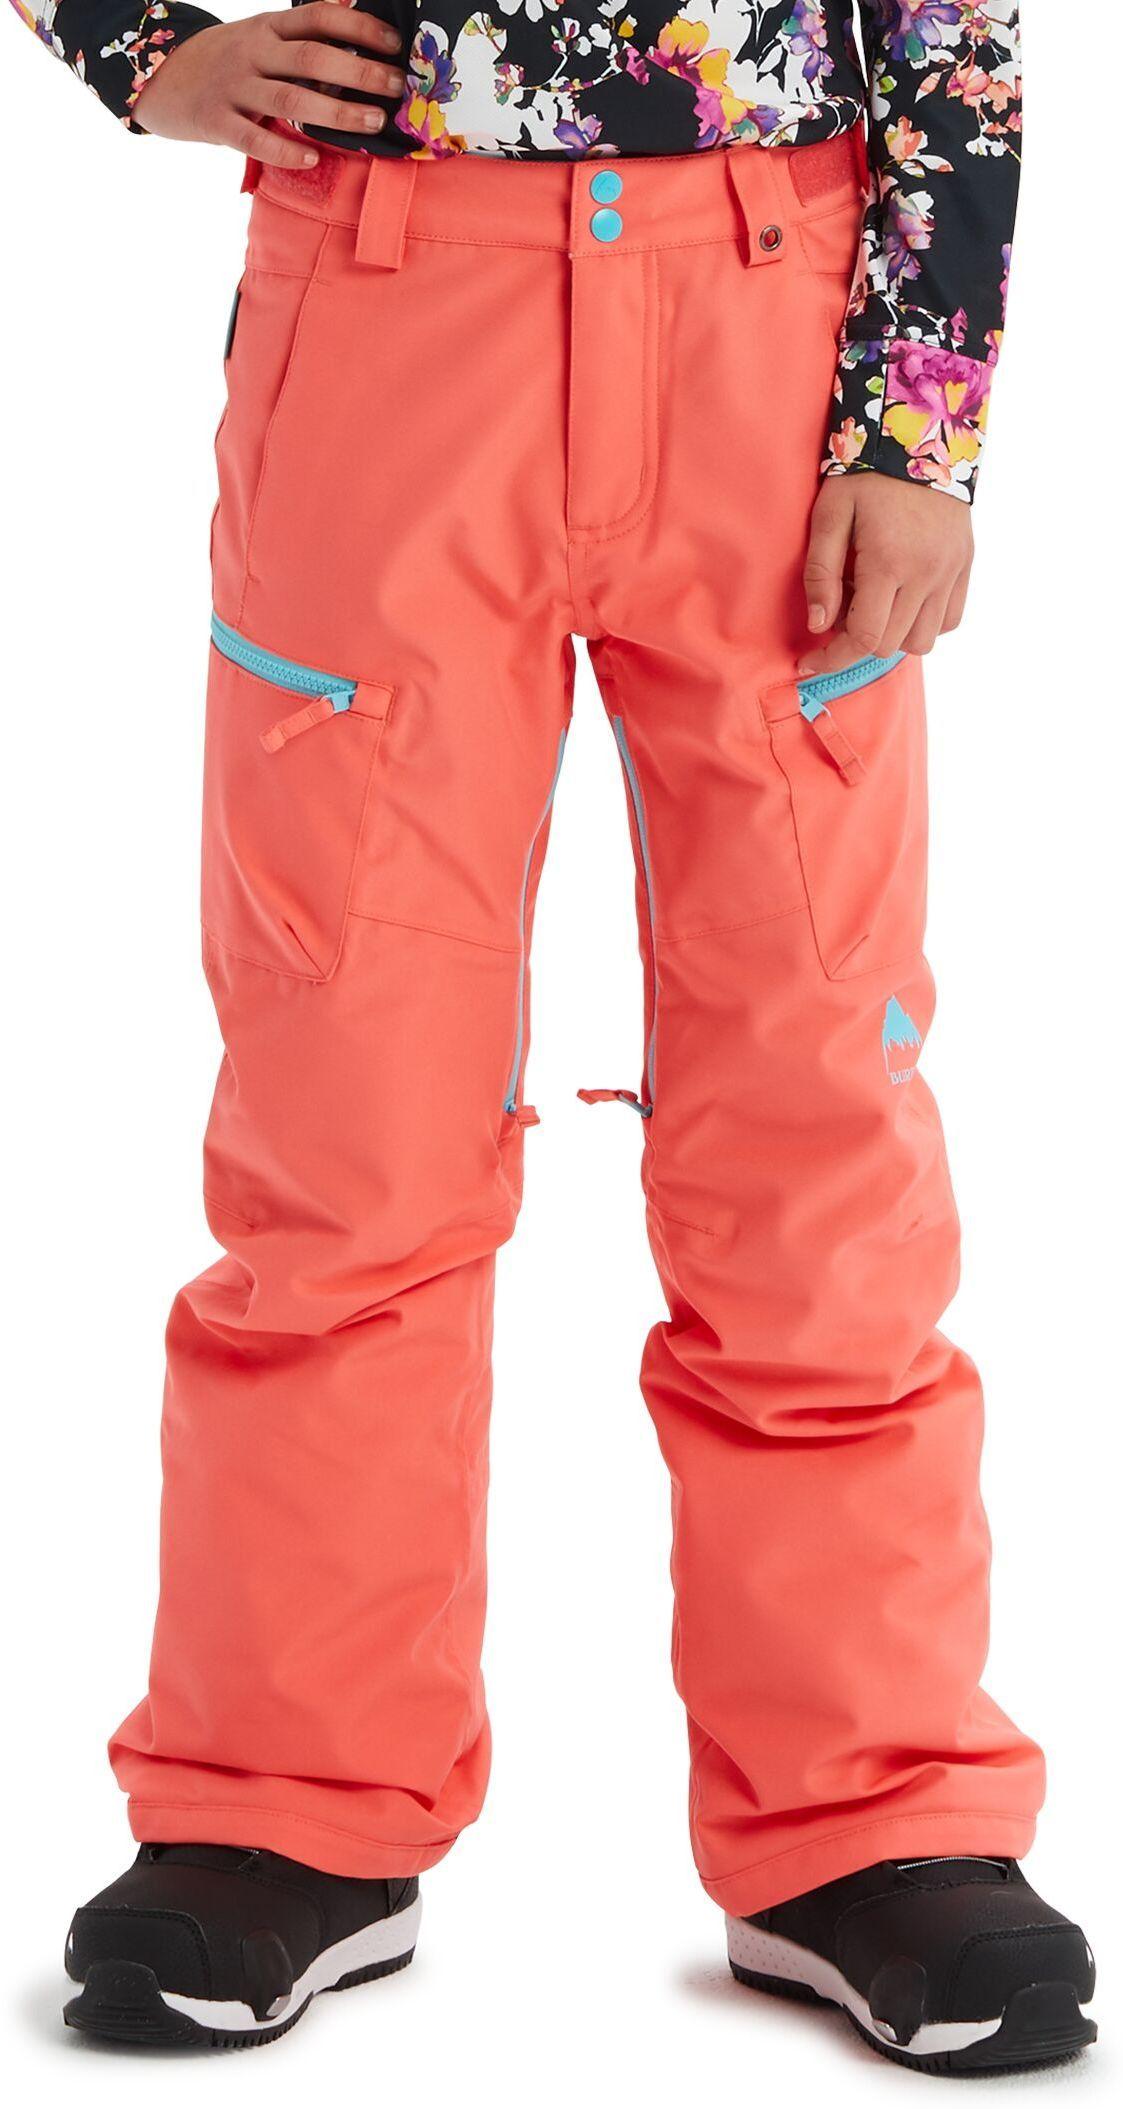 zimowe spodnie dziecięce BURTON GIRLS ELITE CARGO PT Georgia Peach